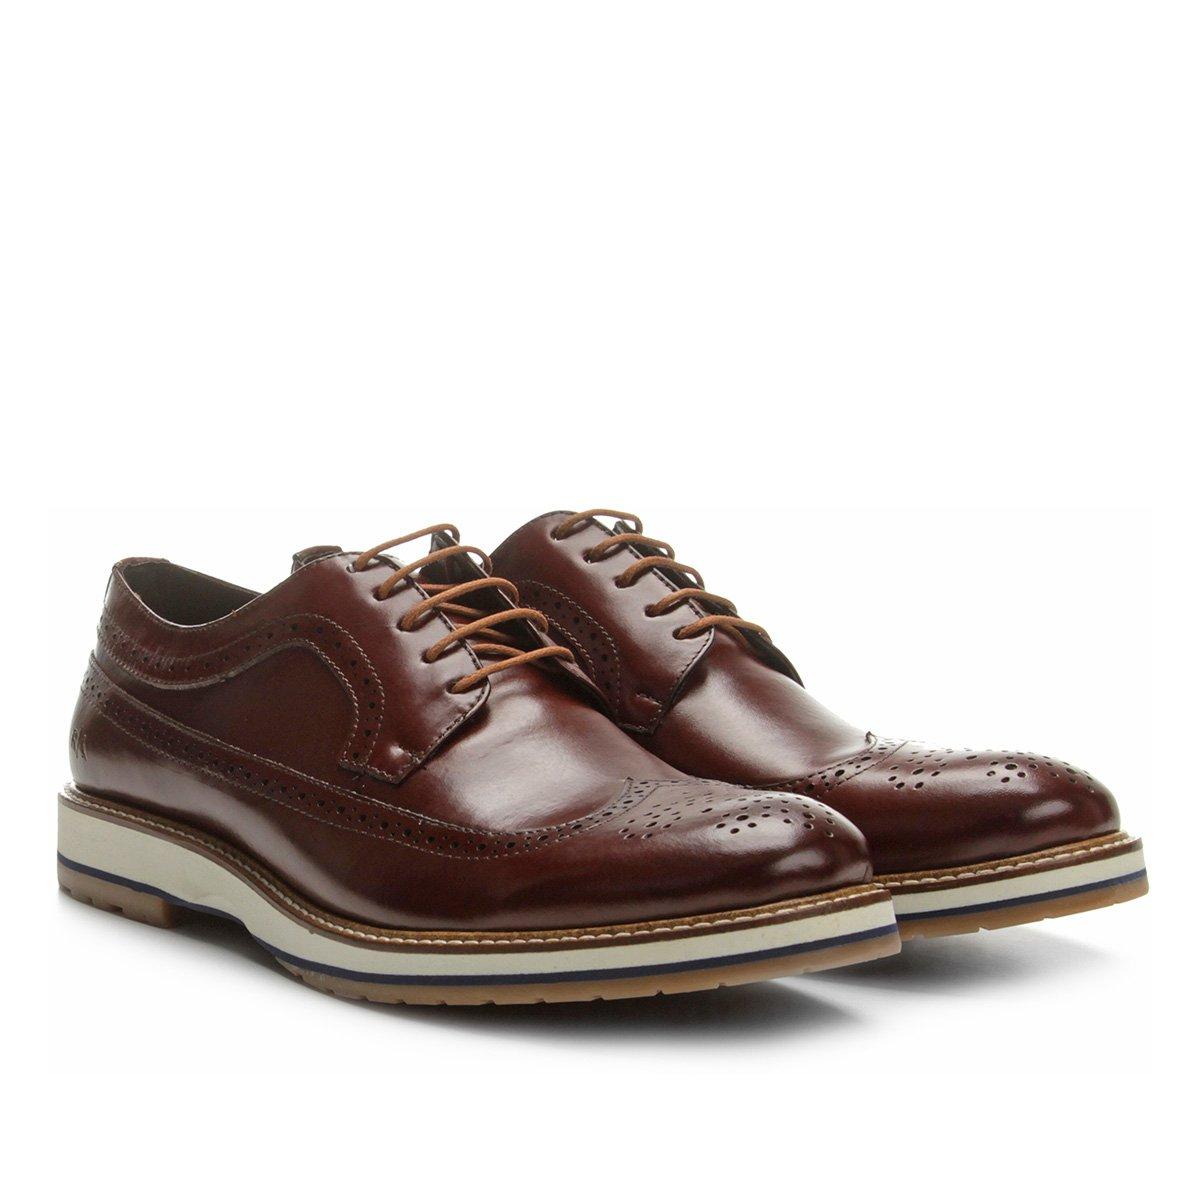 e39ca13413 Sapato Oxford Reserva Beto Masculino